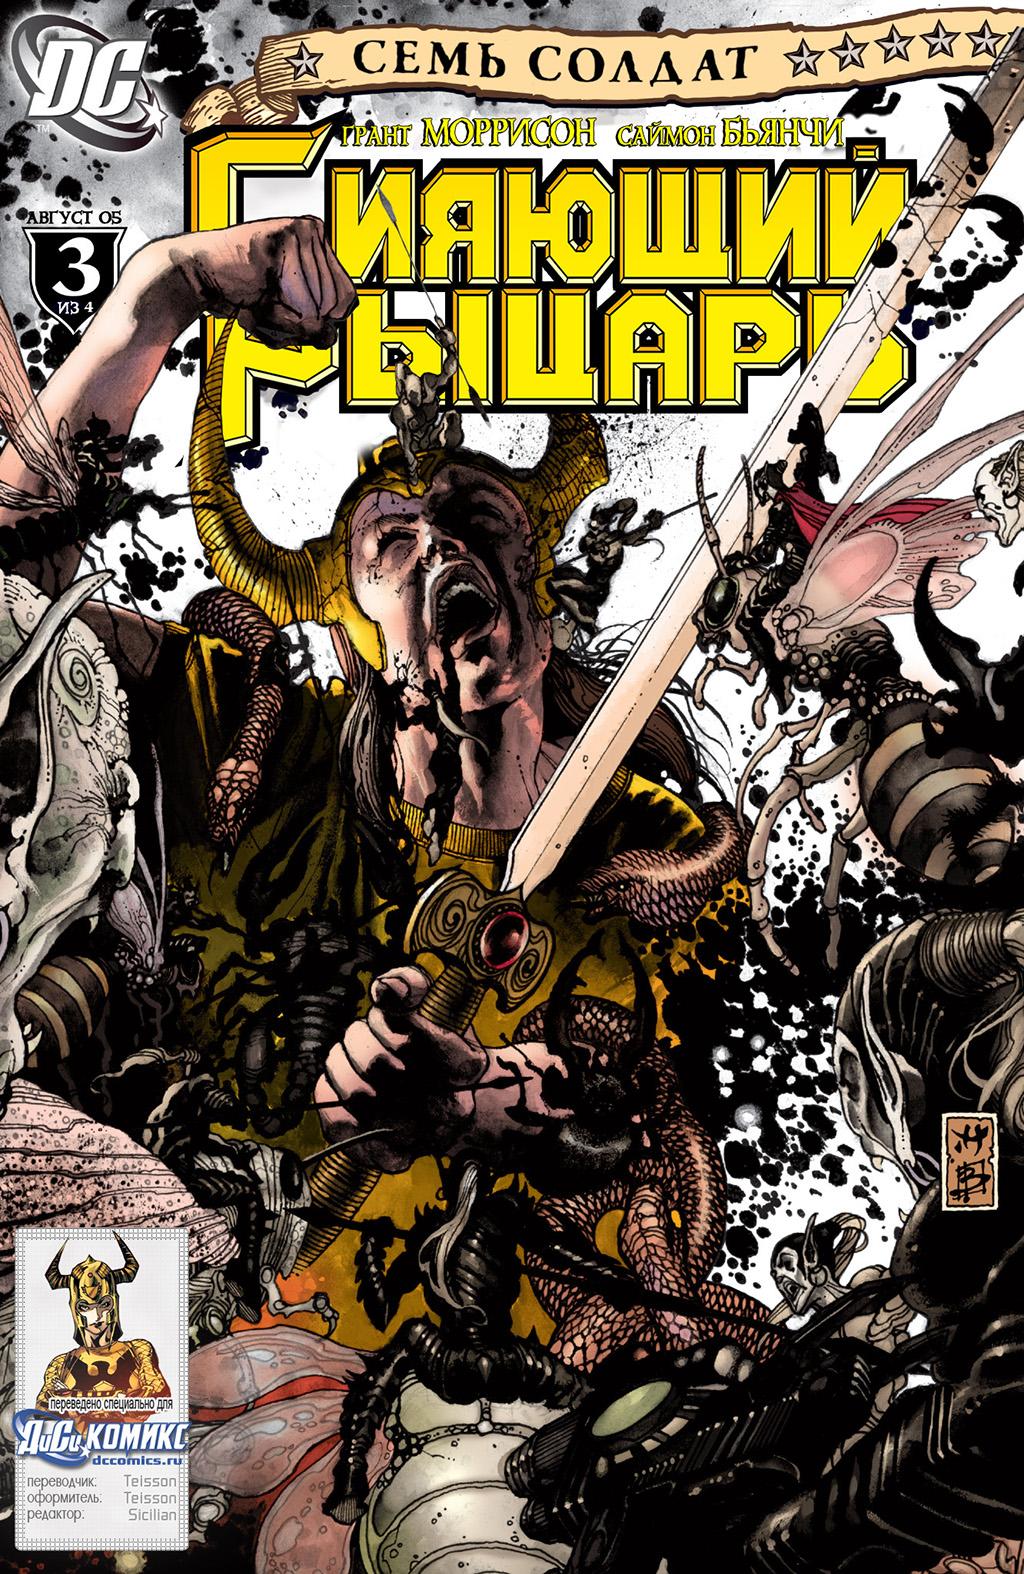 Комикс Семь Солдат - Сияющий Рыцарь